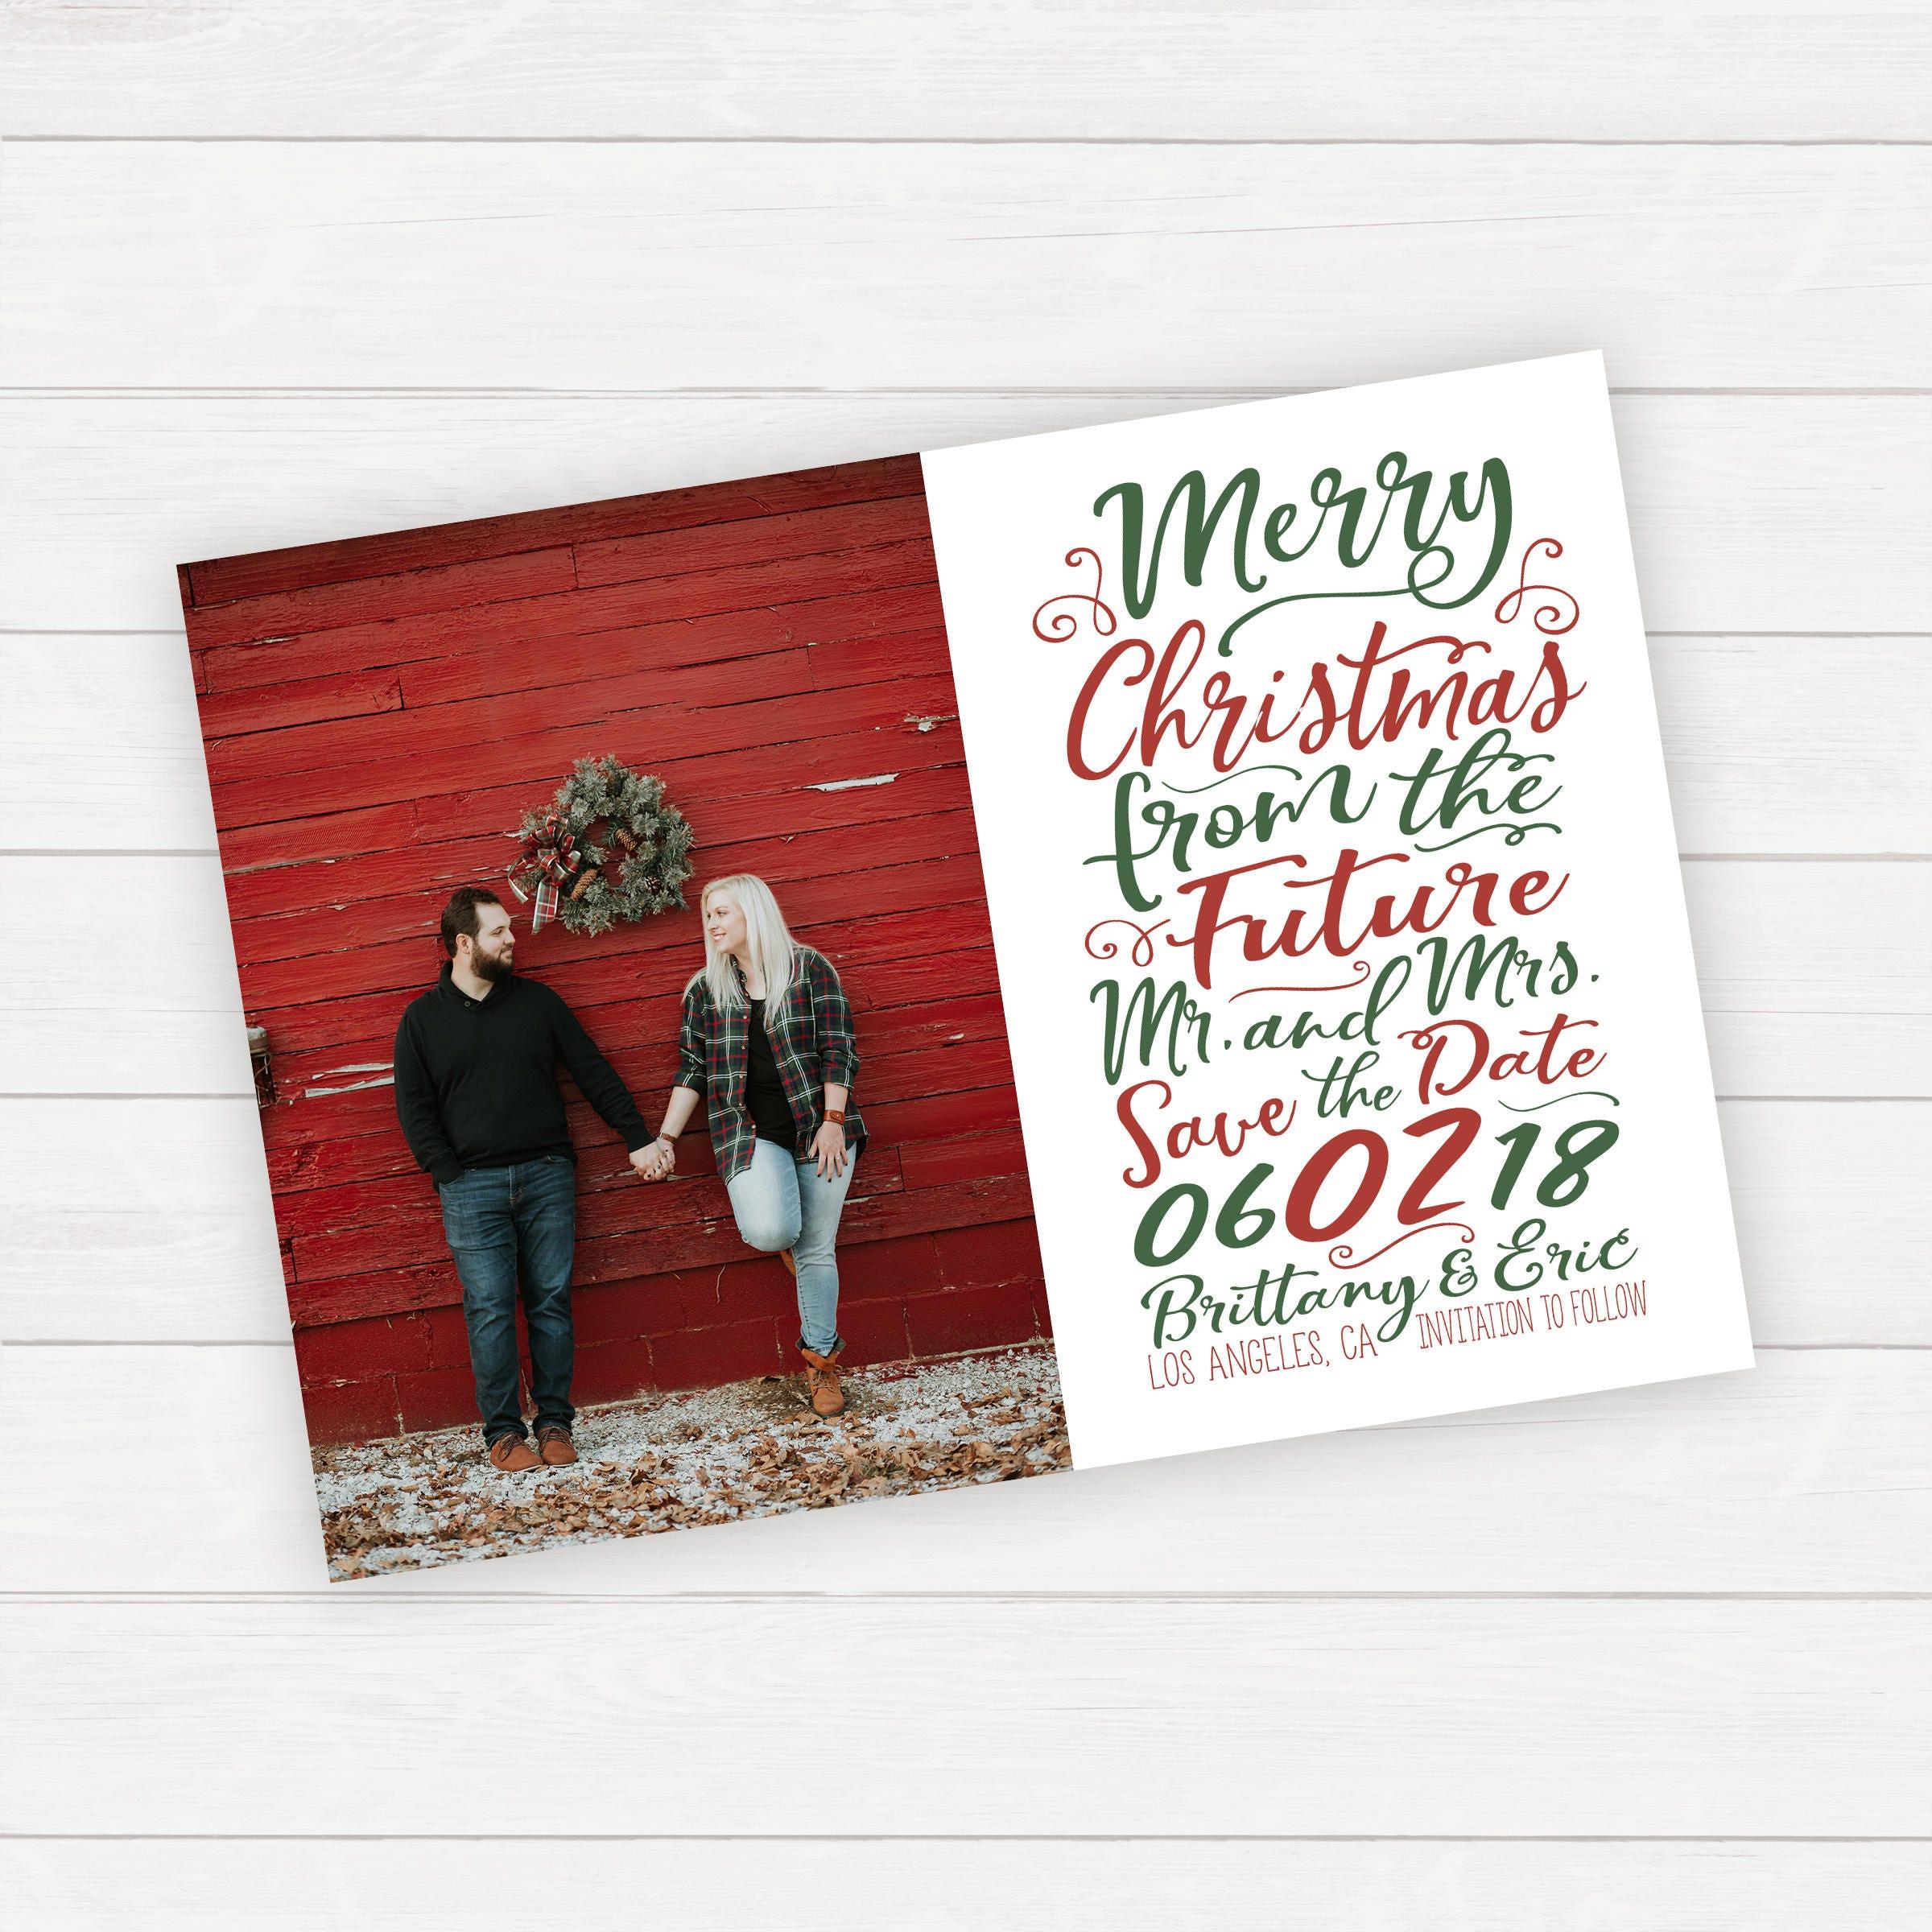 Weihnachten zu retten das Datum Foto speichern Sie die | Etsy